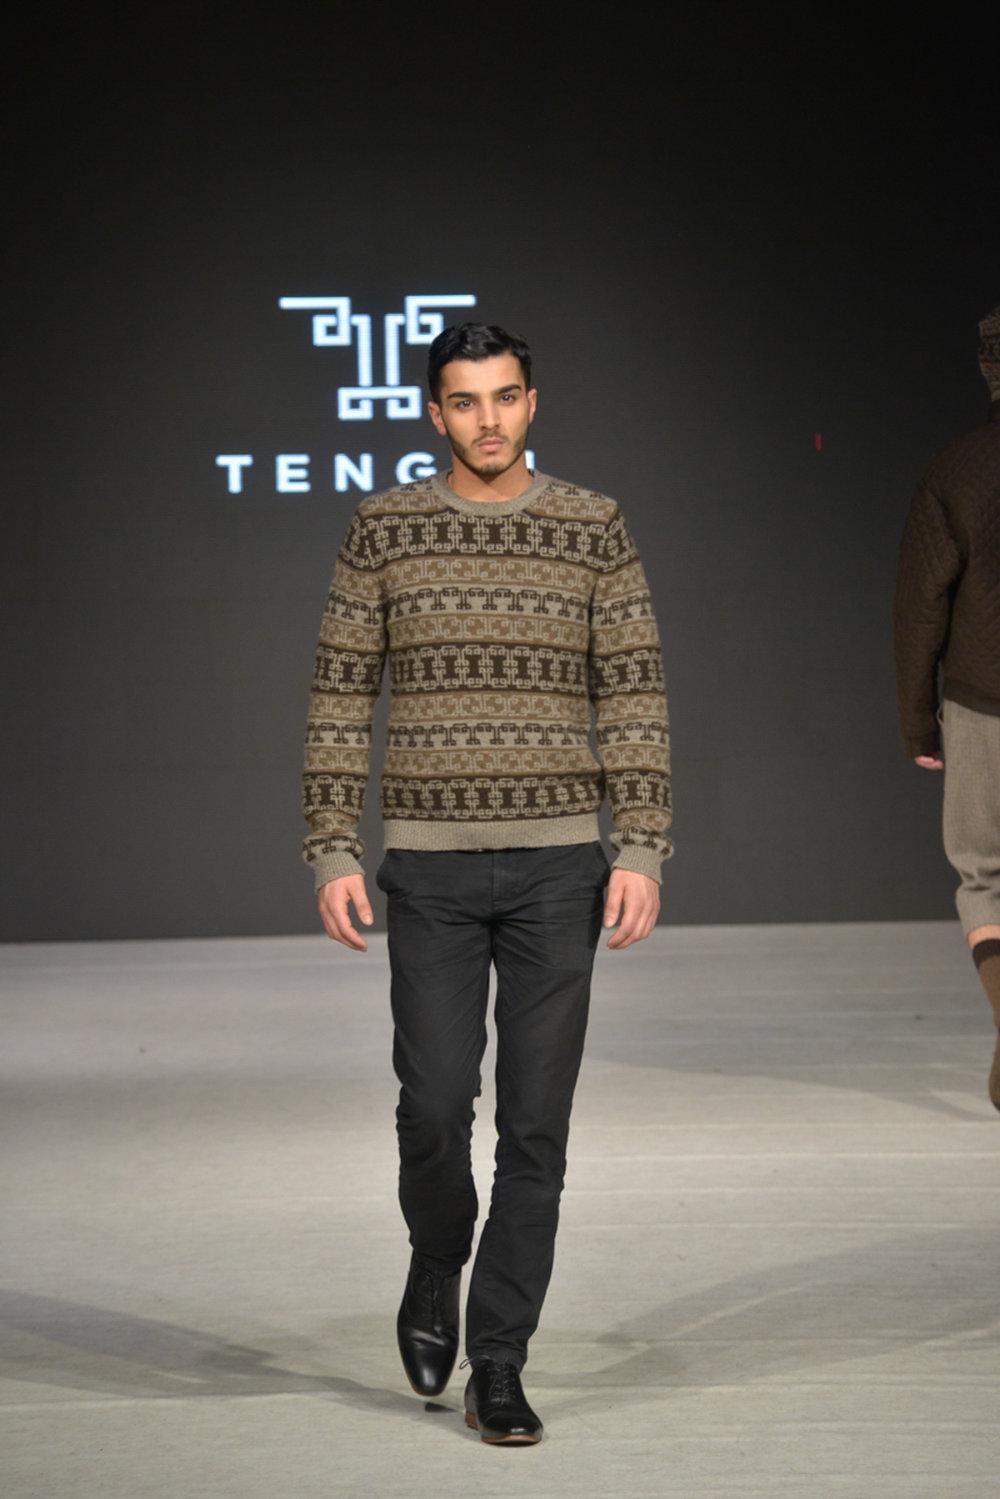 tengri-12.jpg